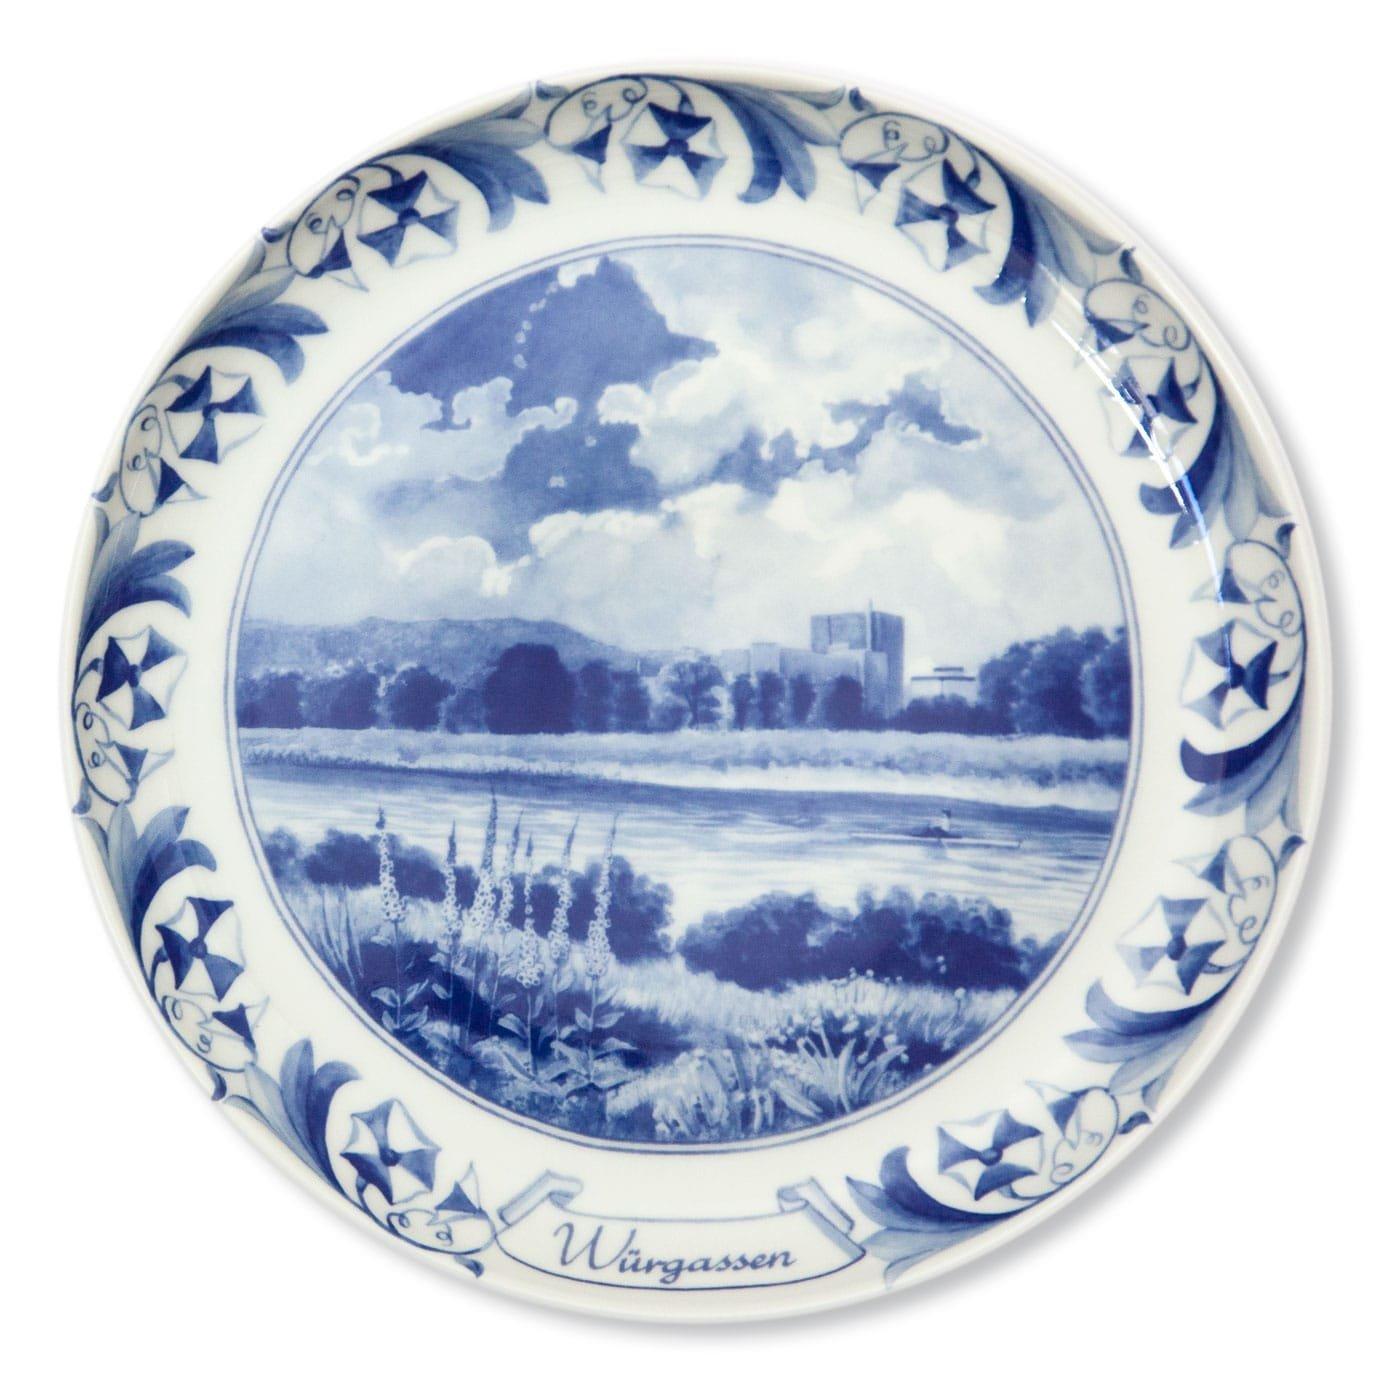 porcelain-nuclear-reactors-plates-hamm-wurgassen